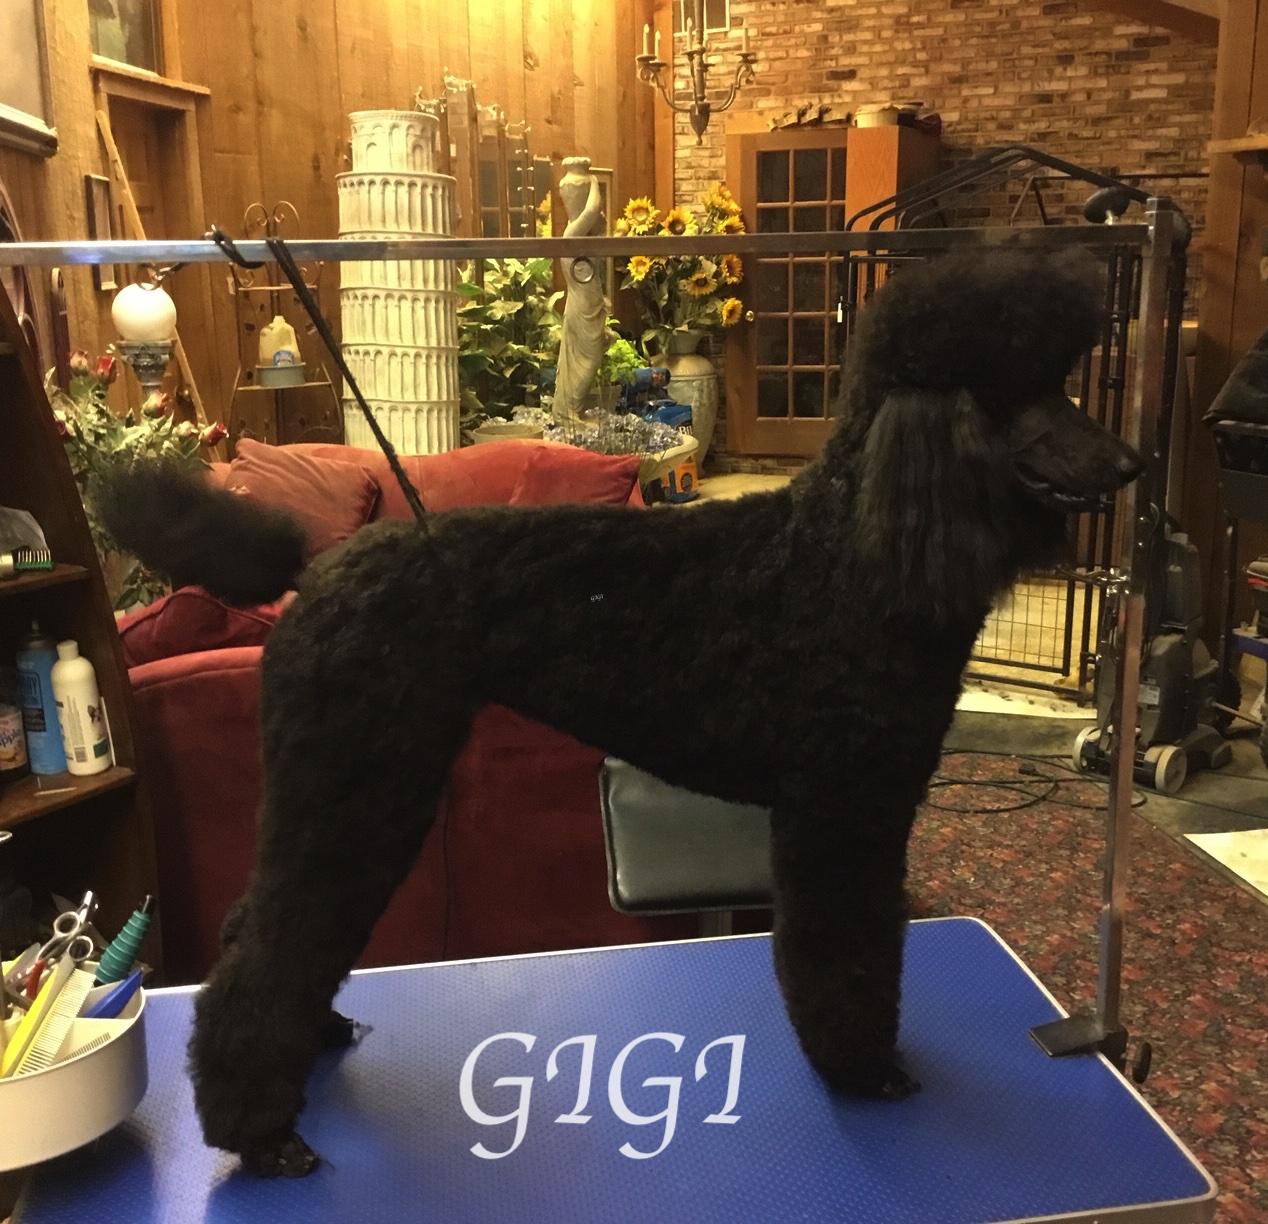 IMG_9490-GiGi - Version 2GIGI